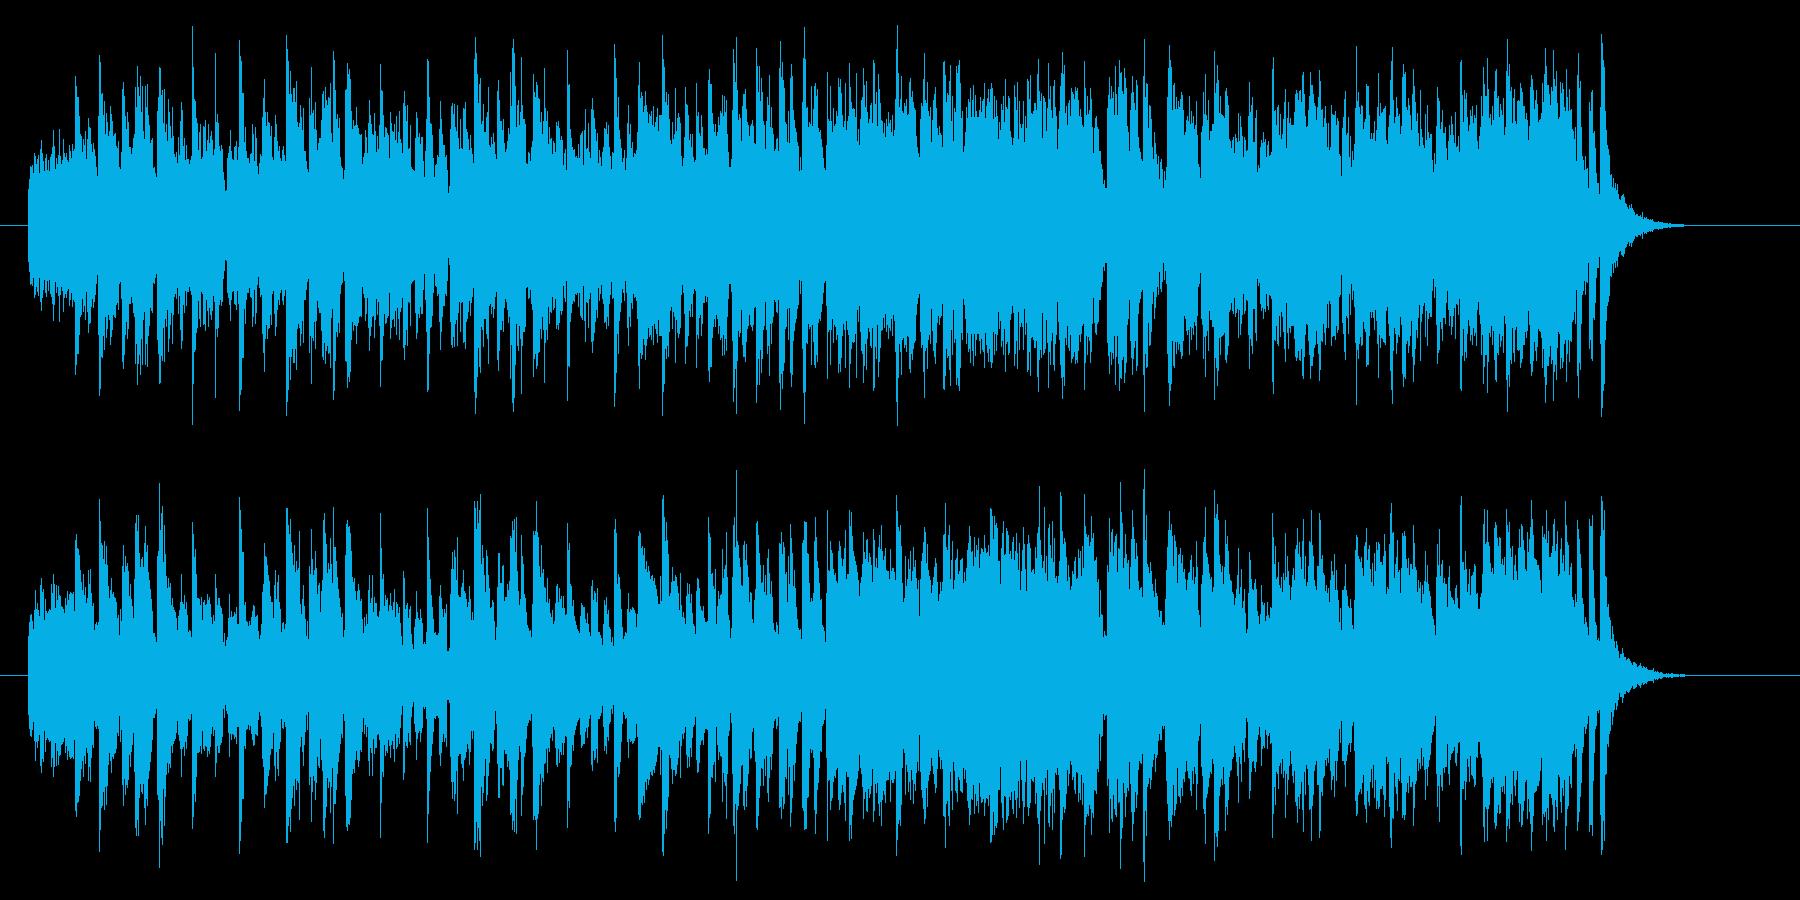 疾走感のあるフュージョンのジングル曲の再生済みの波形